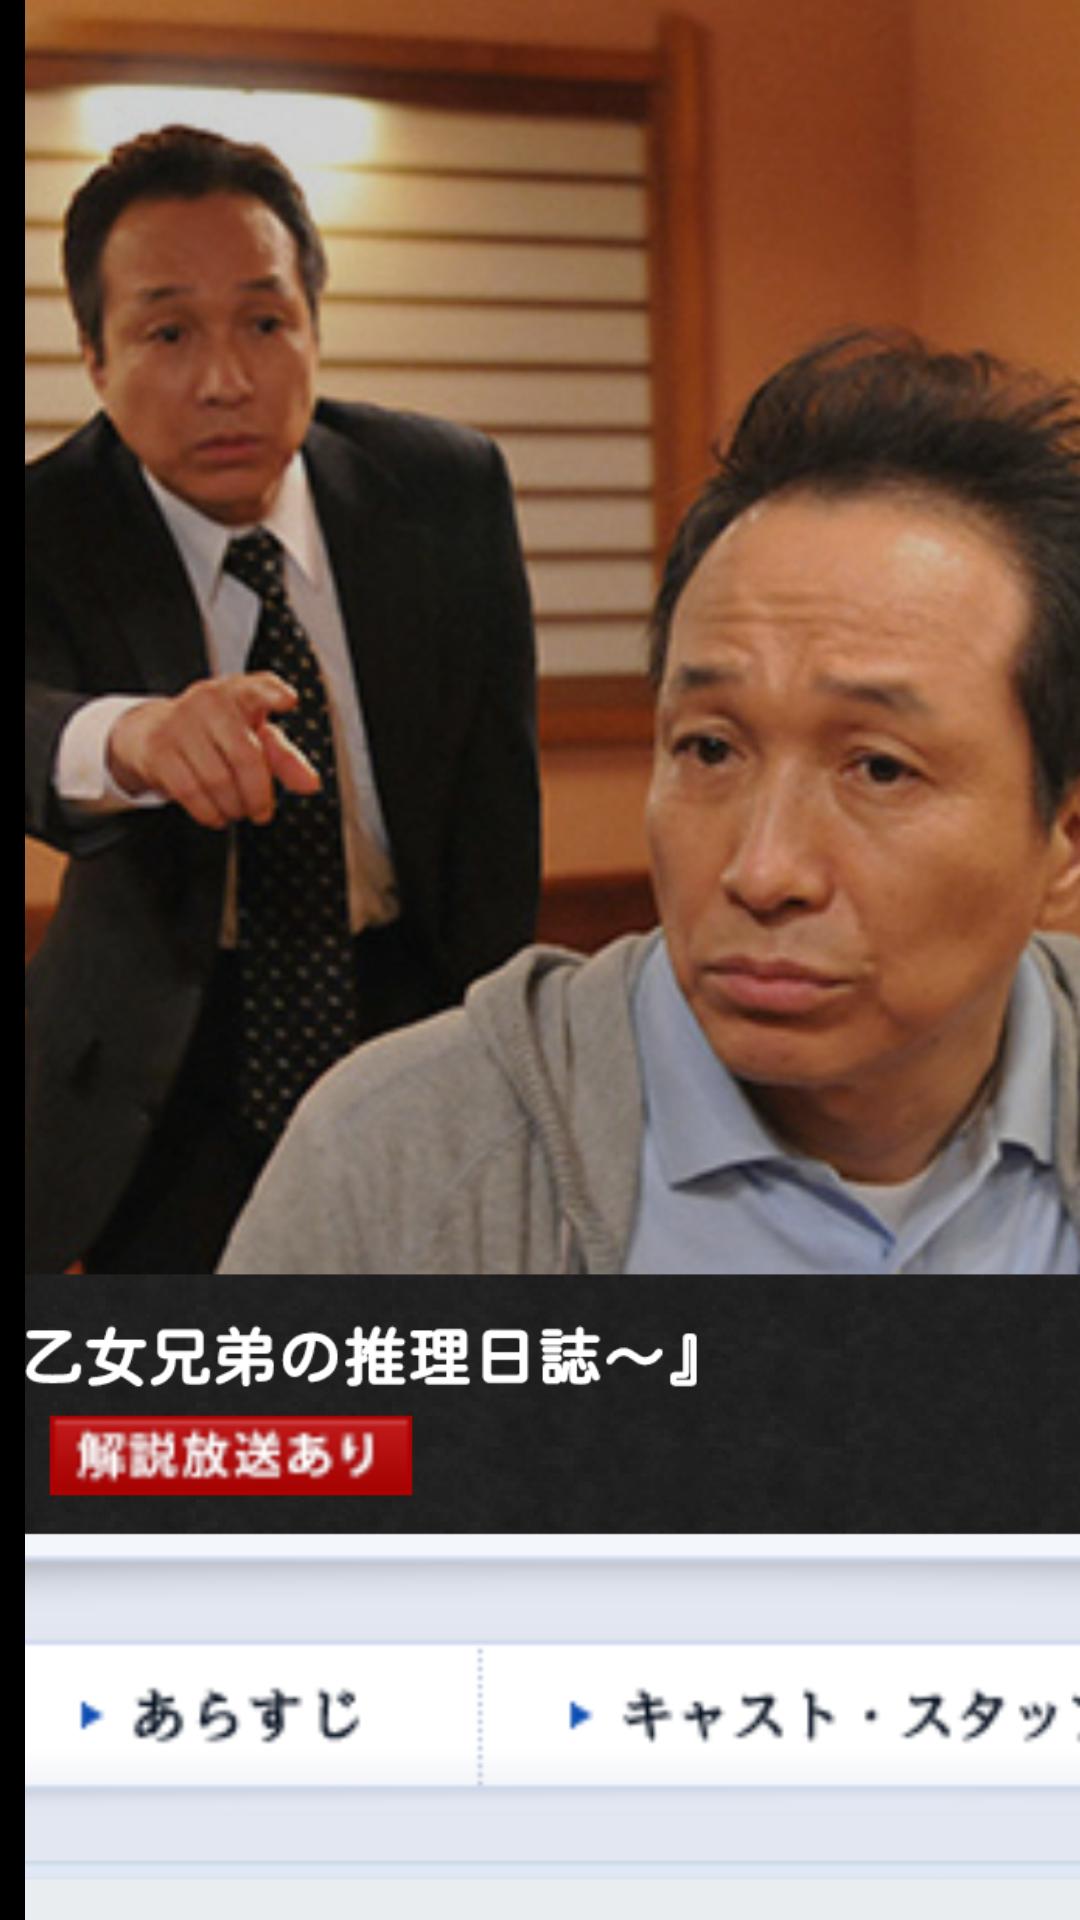 【実況・感想】メディカルチーム レディ・ダ・ヴィンチの診断 第4話